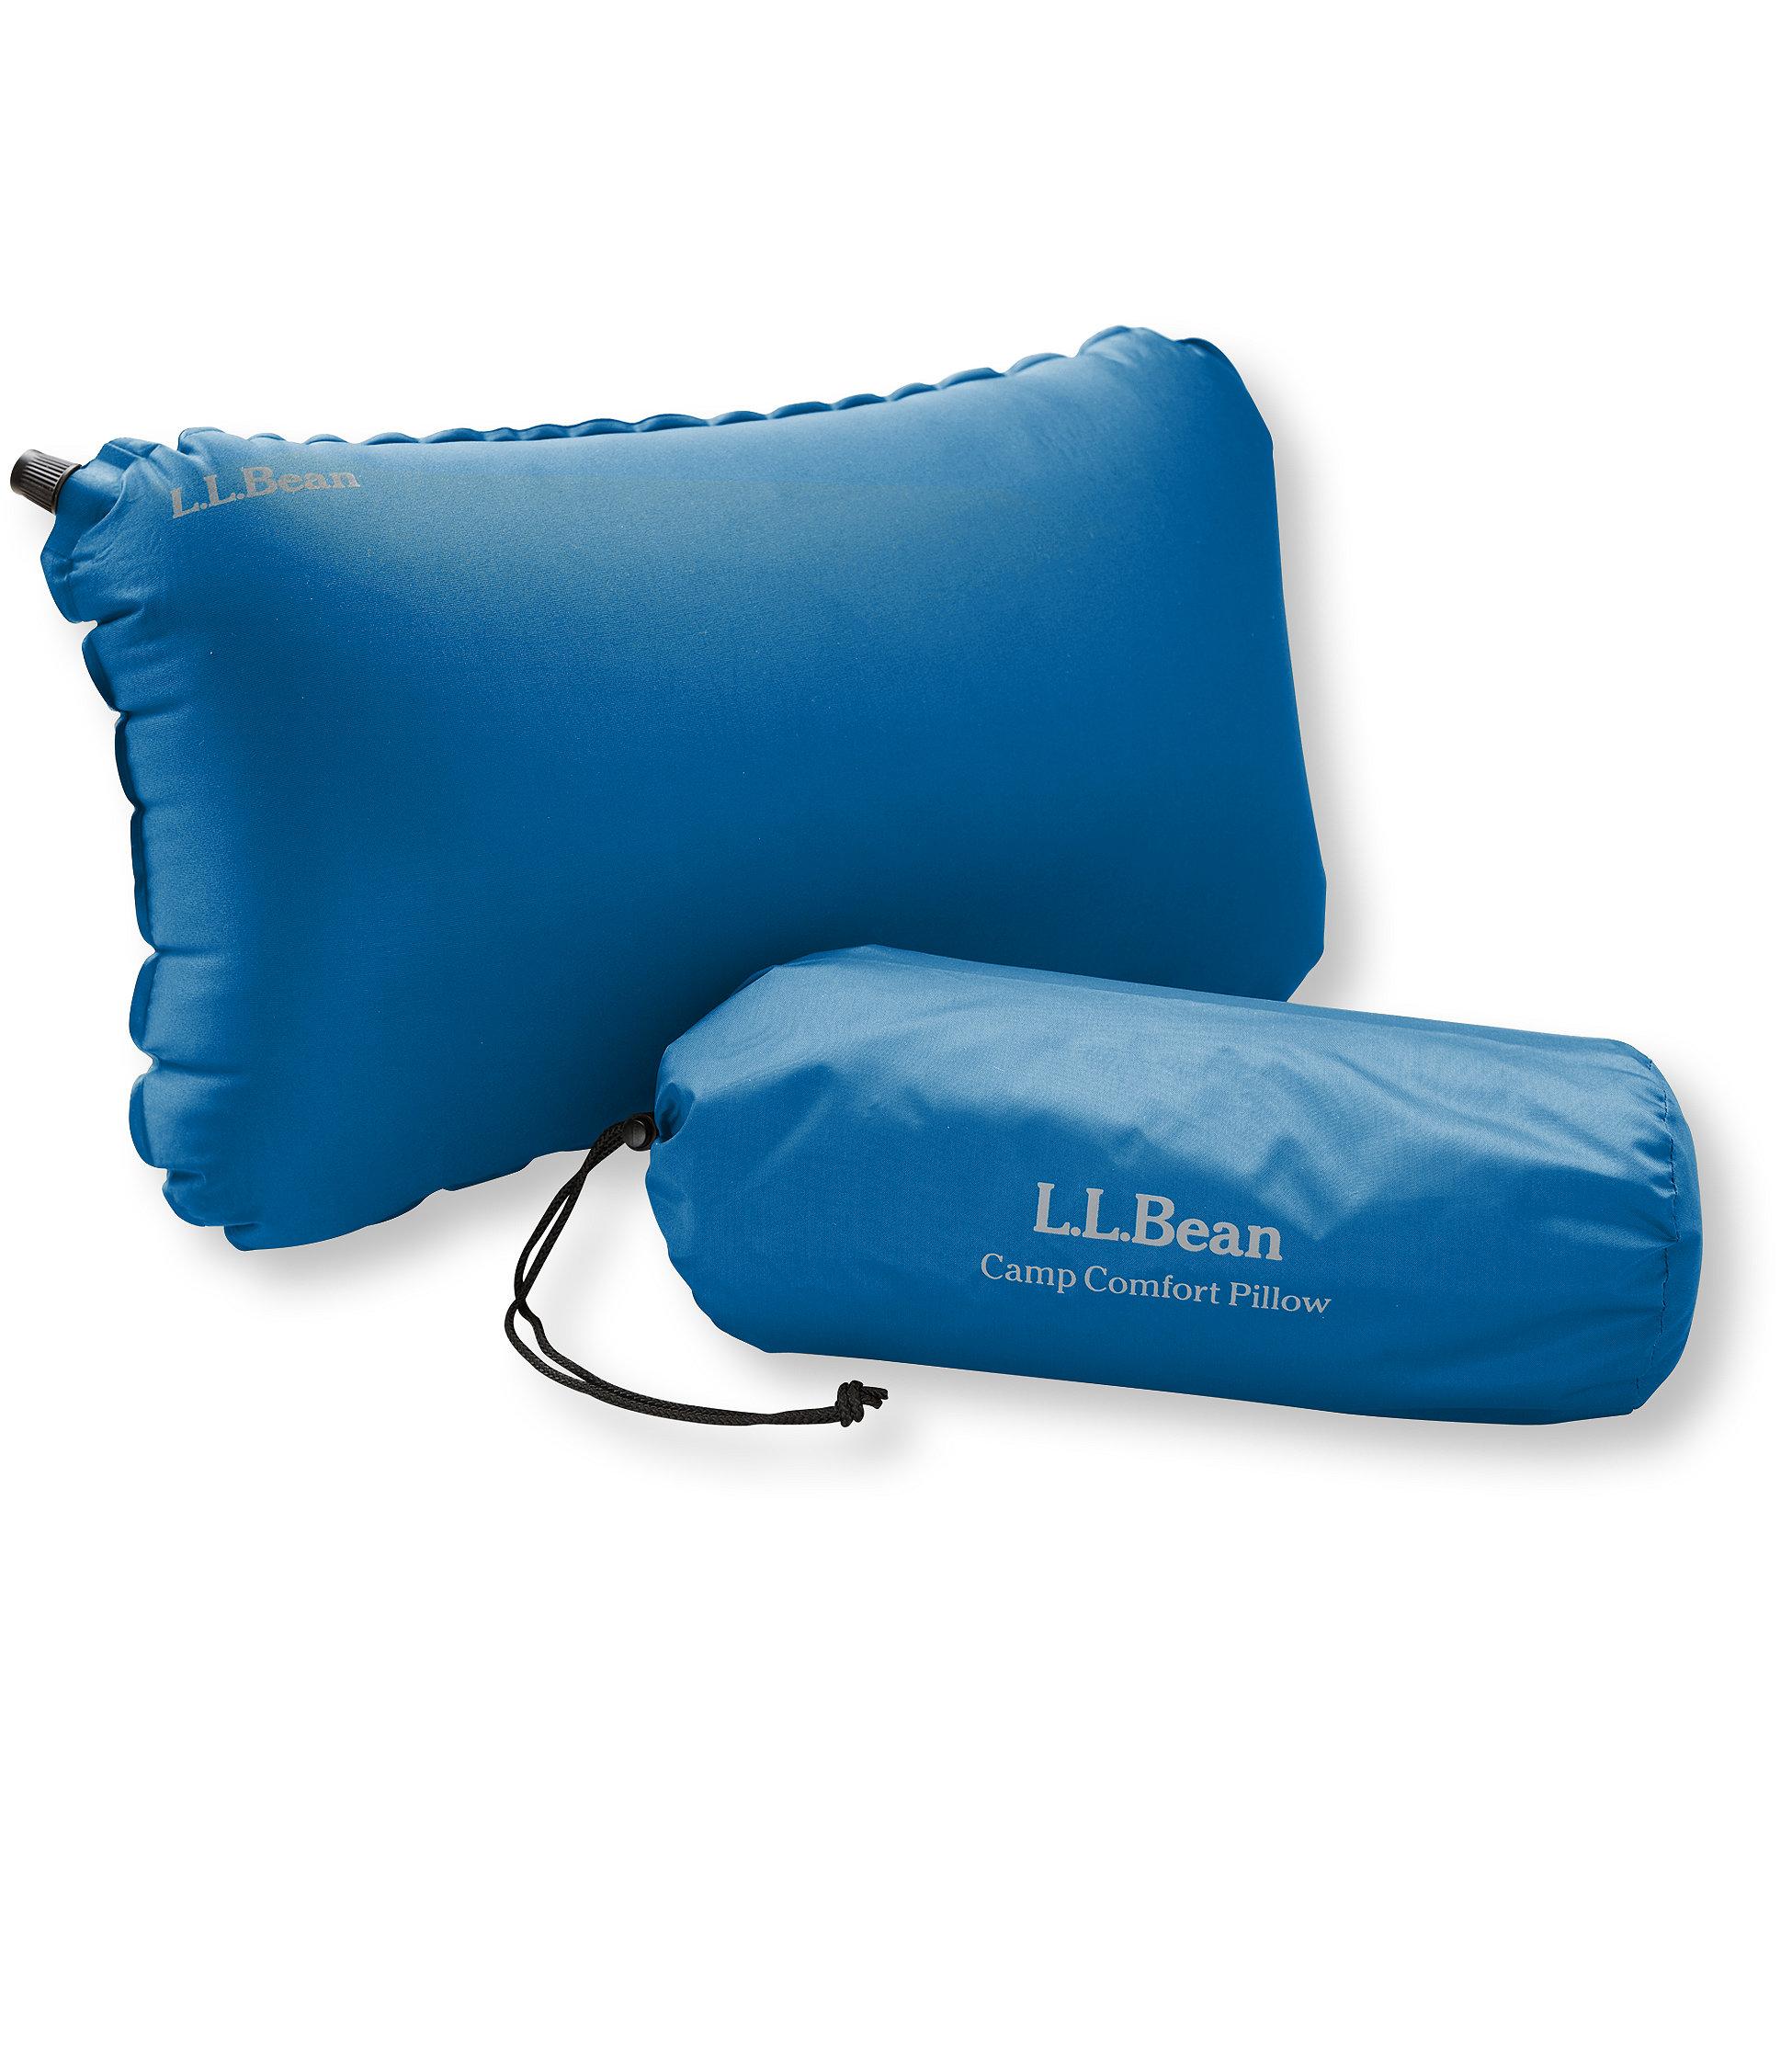 L.L.Bean Camp Comfort Pillow